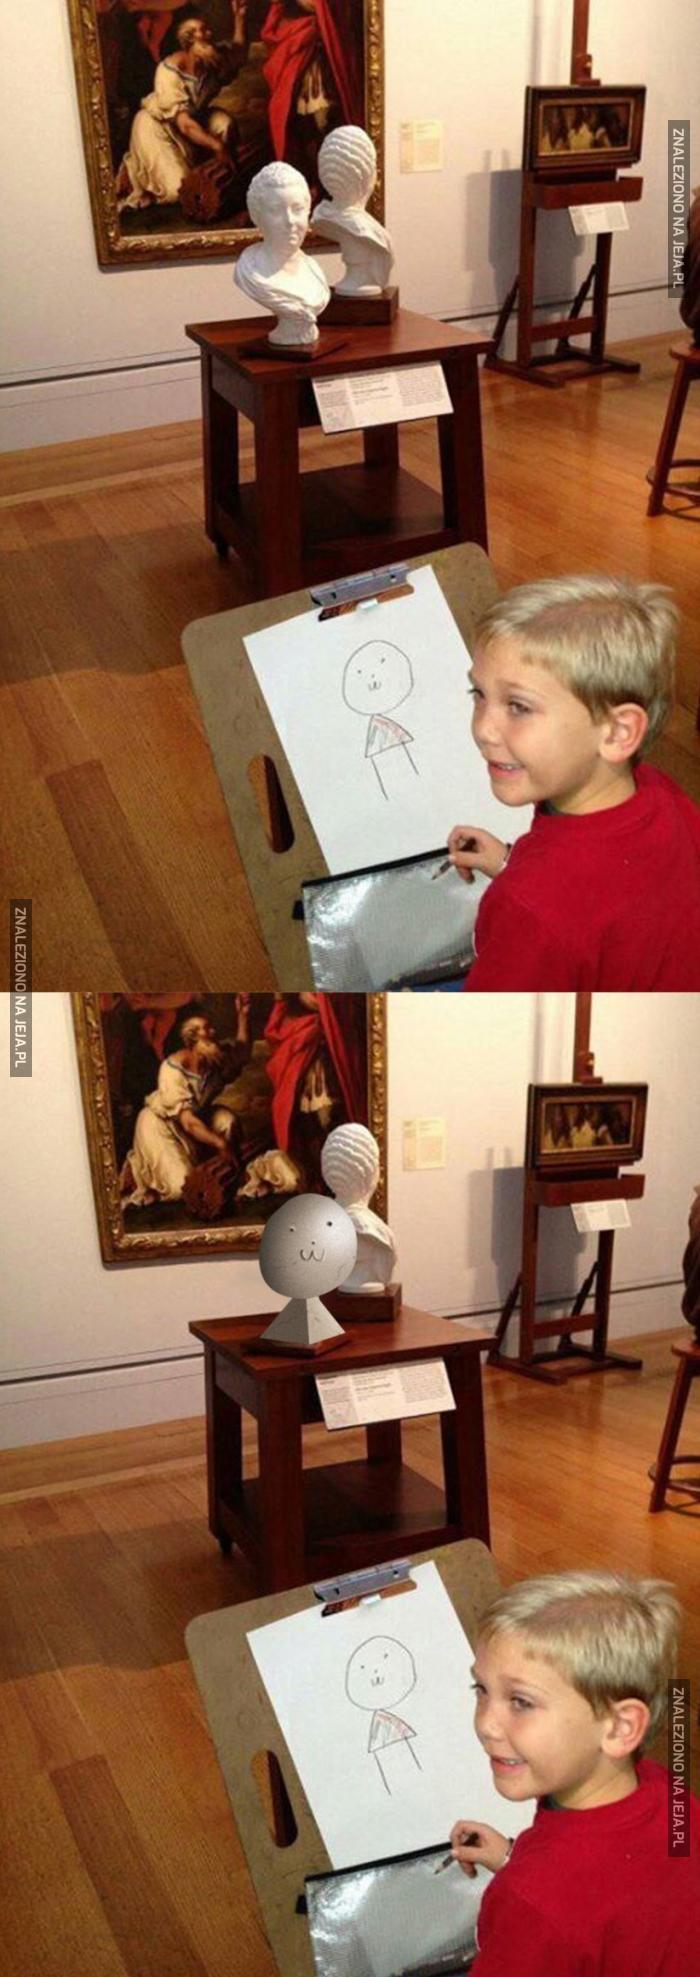 Ależ realistyczny rysunek, brawo!